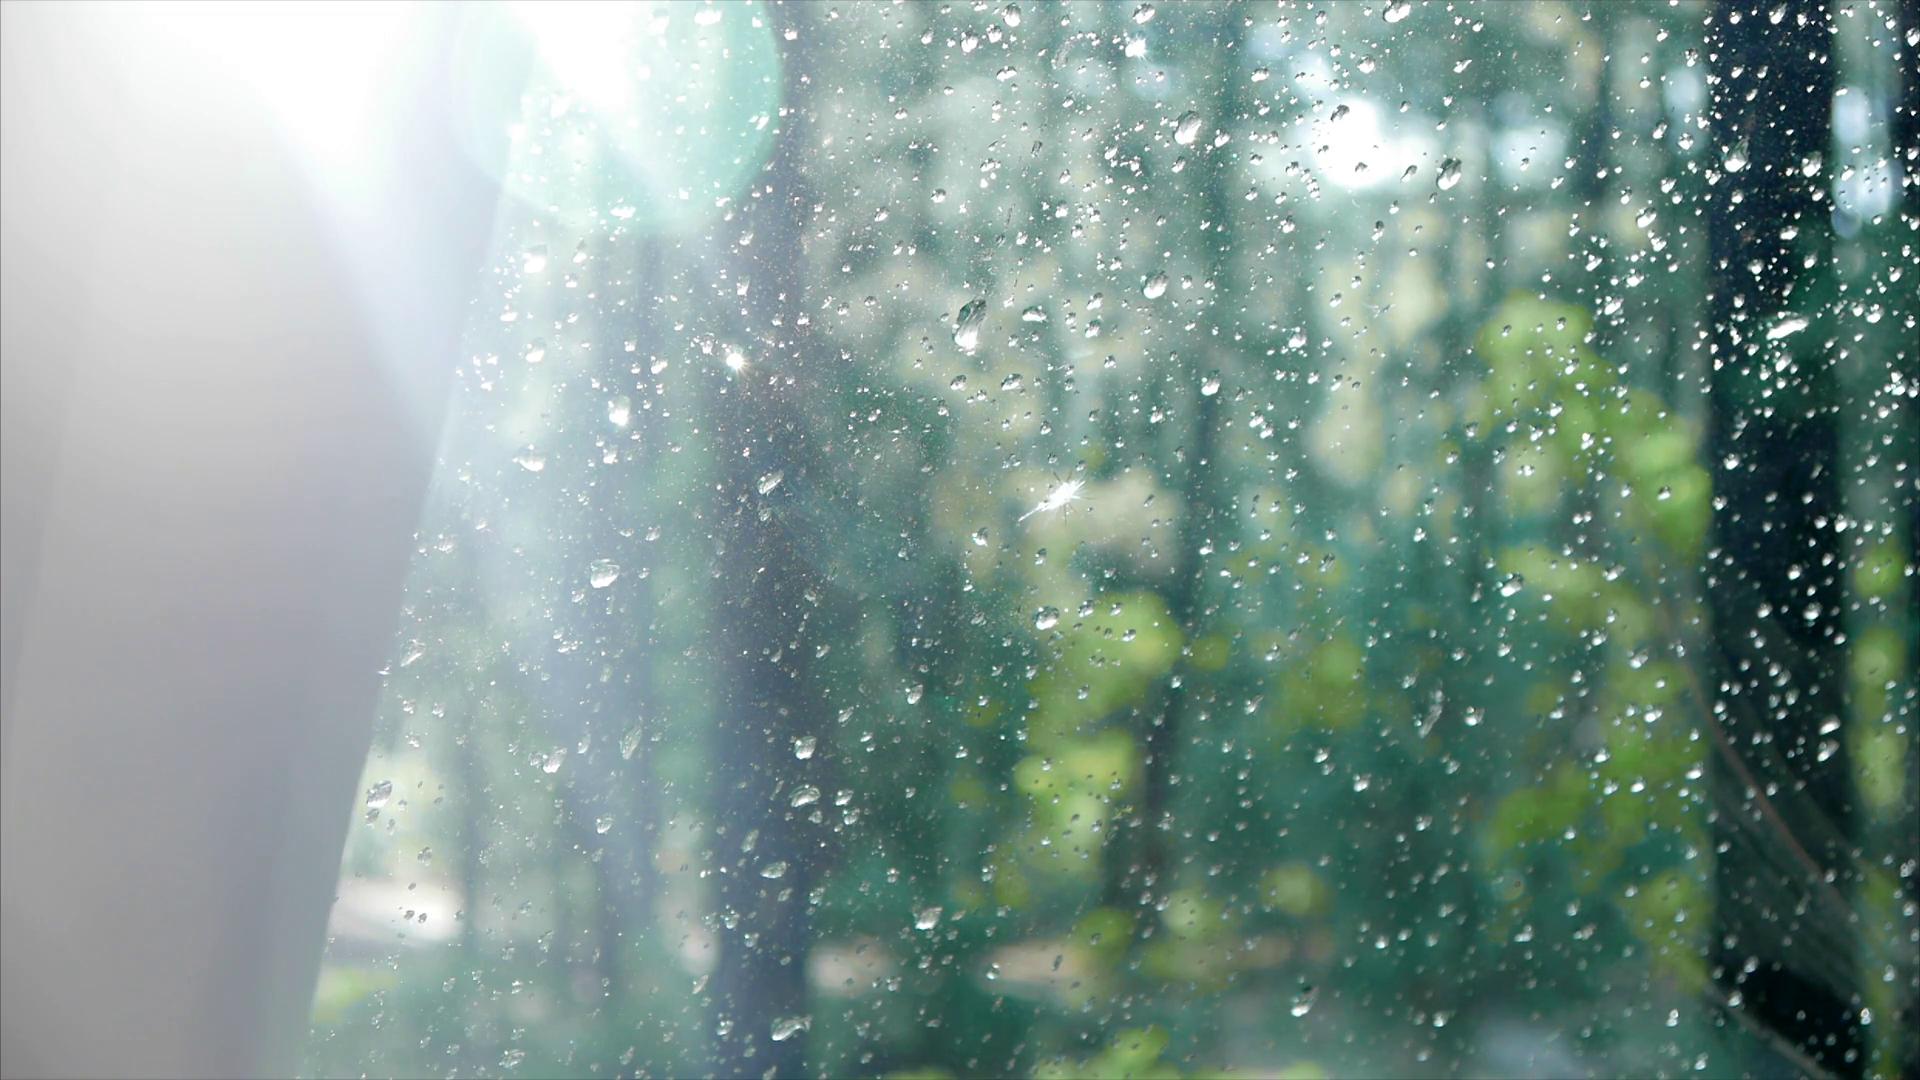 Hình ảnh mưa đẹp nhất